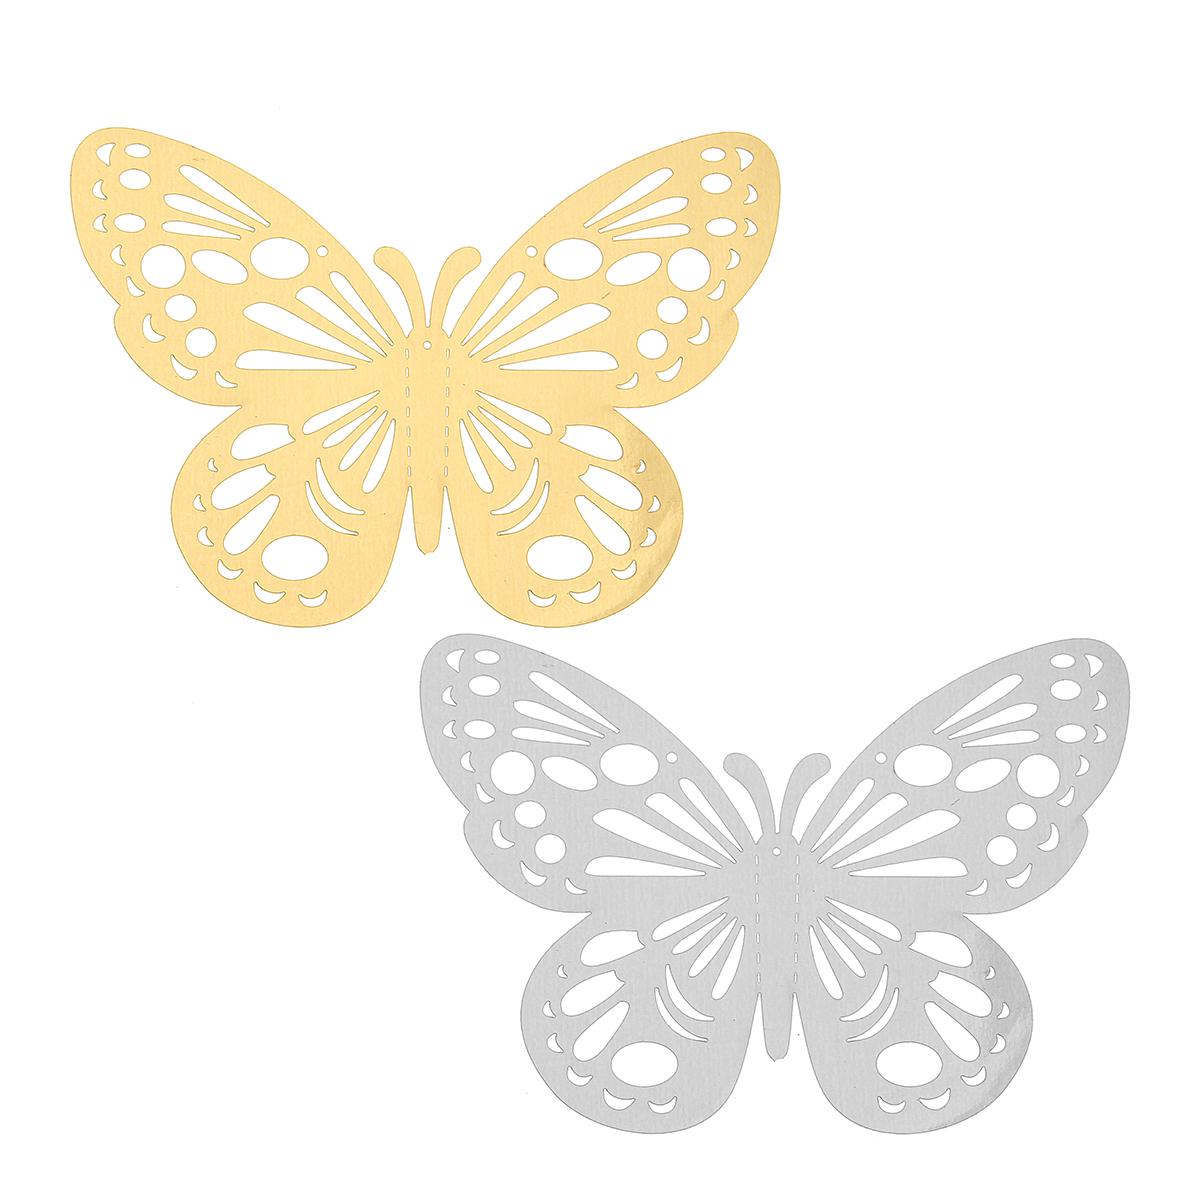 Шт 3D бабочка стикер стены домашнего декора DIY бабочка стикер холодильник партия Свадебное номер декор